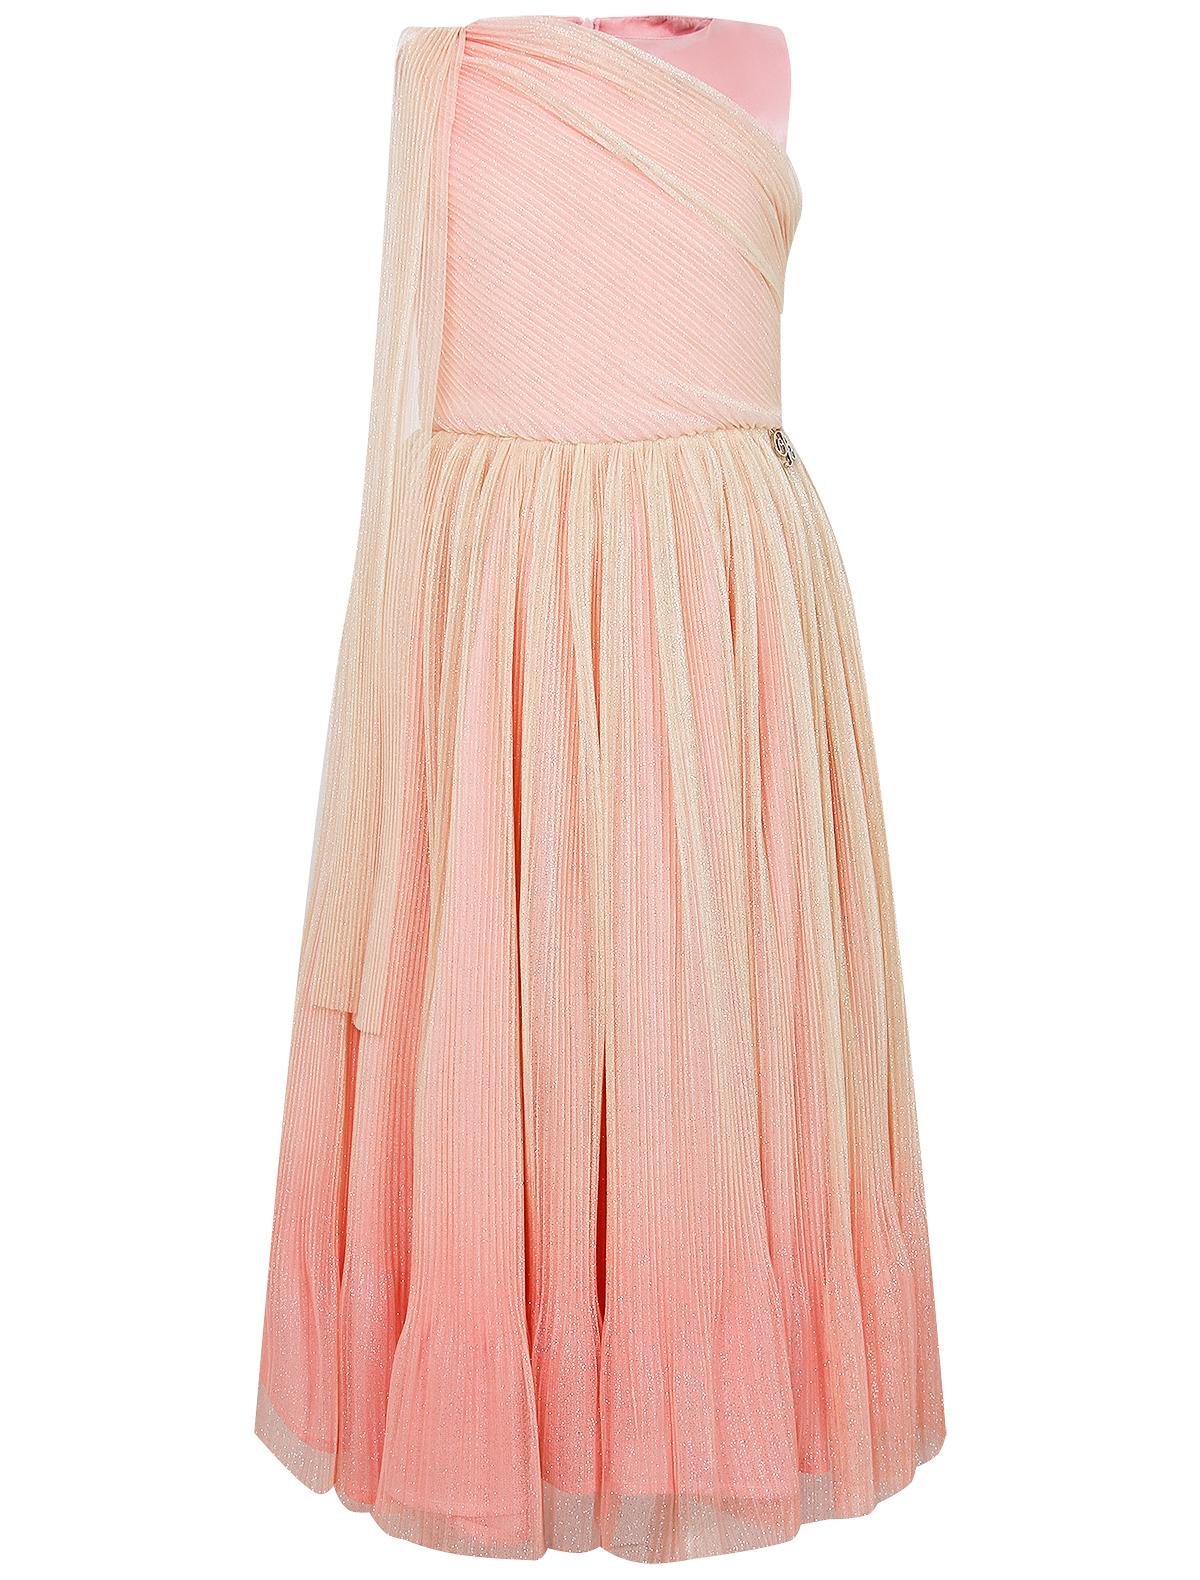 Платье Miss Blumarine цв. розовый, р. 152